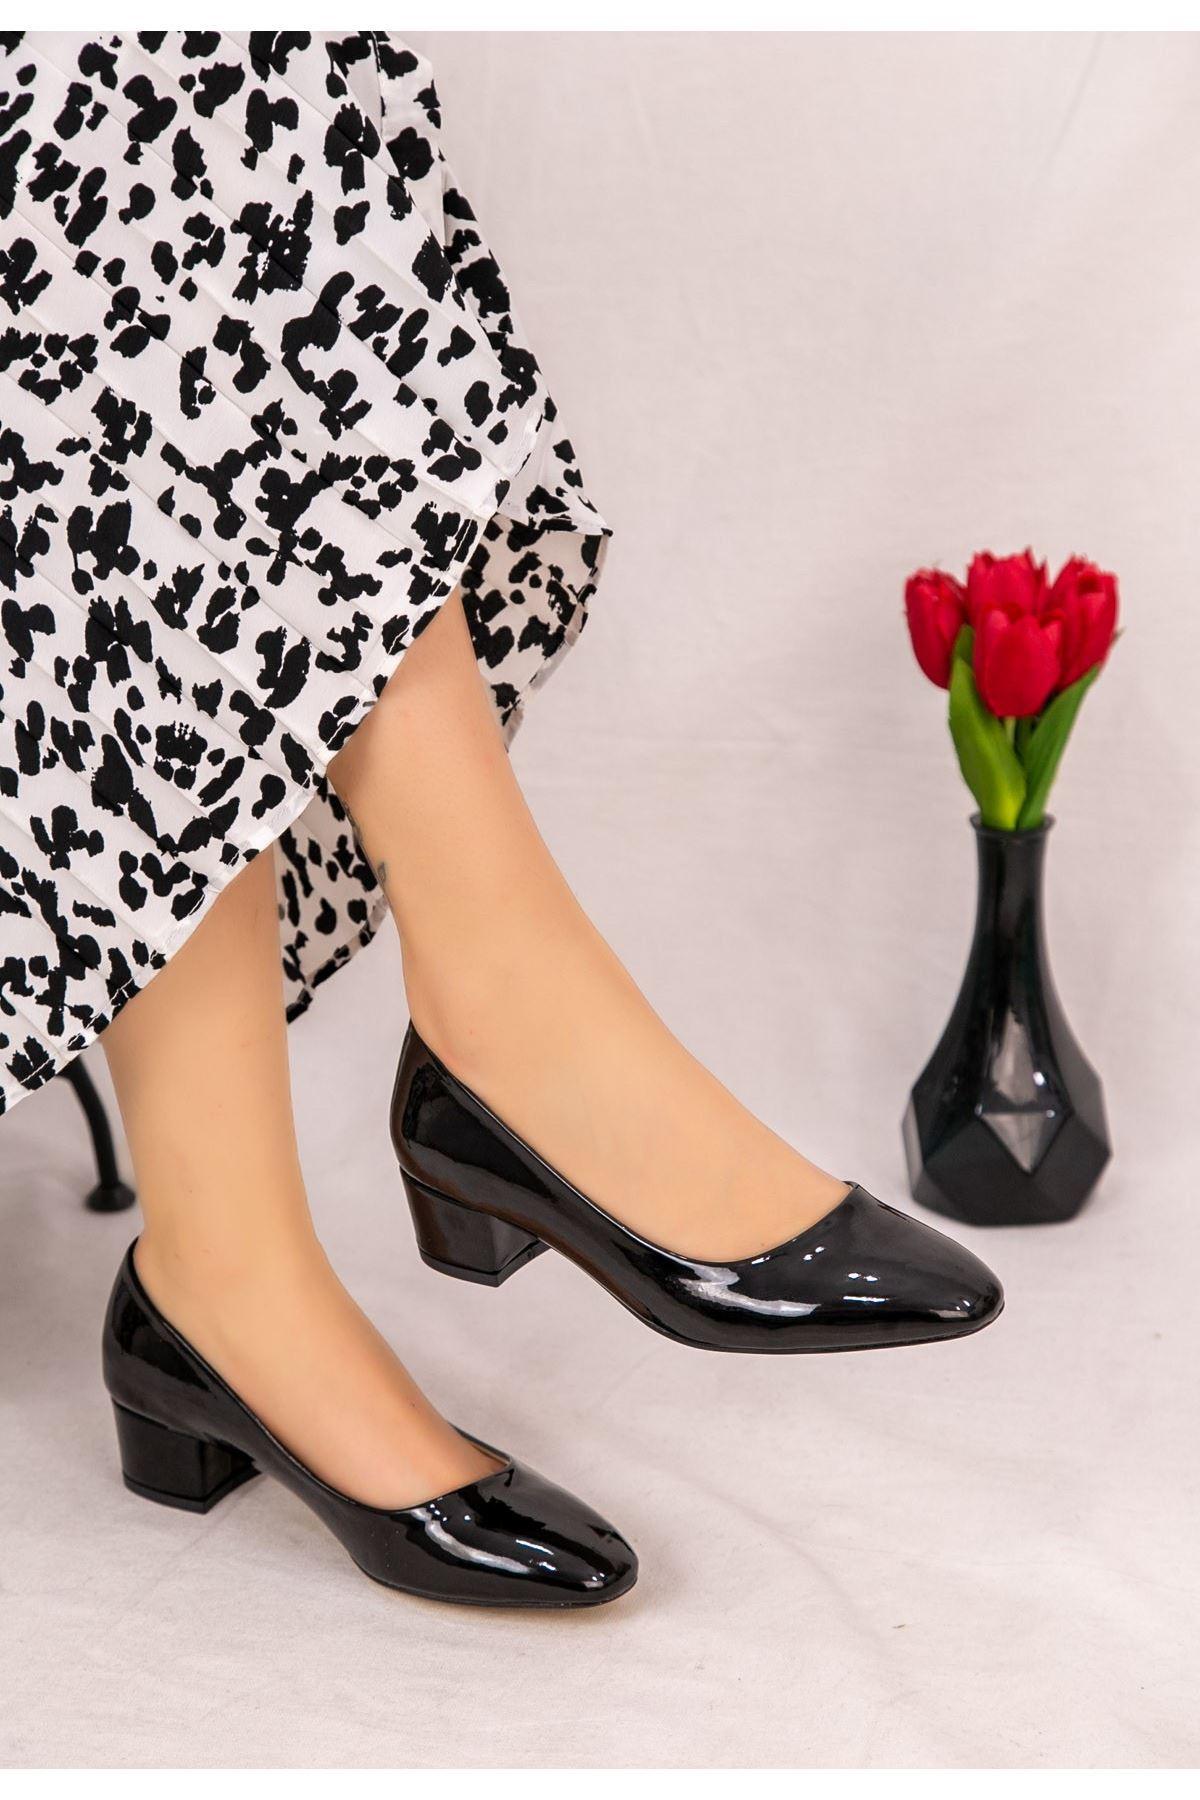 Fior Siyah Rugan Topuklu Ayakkabı